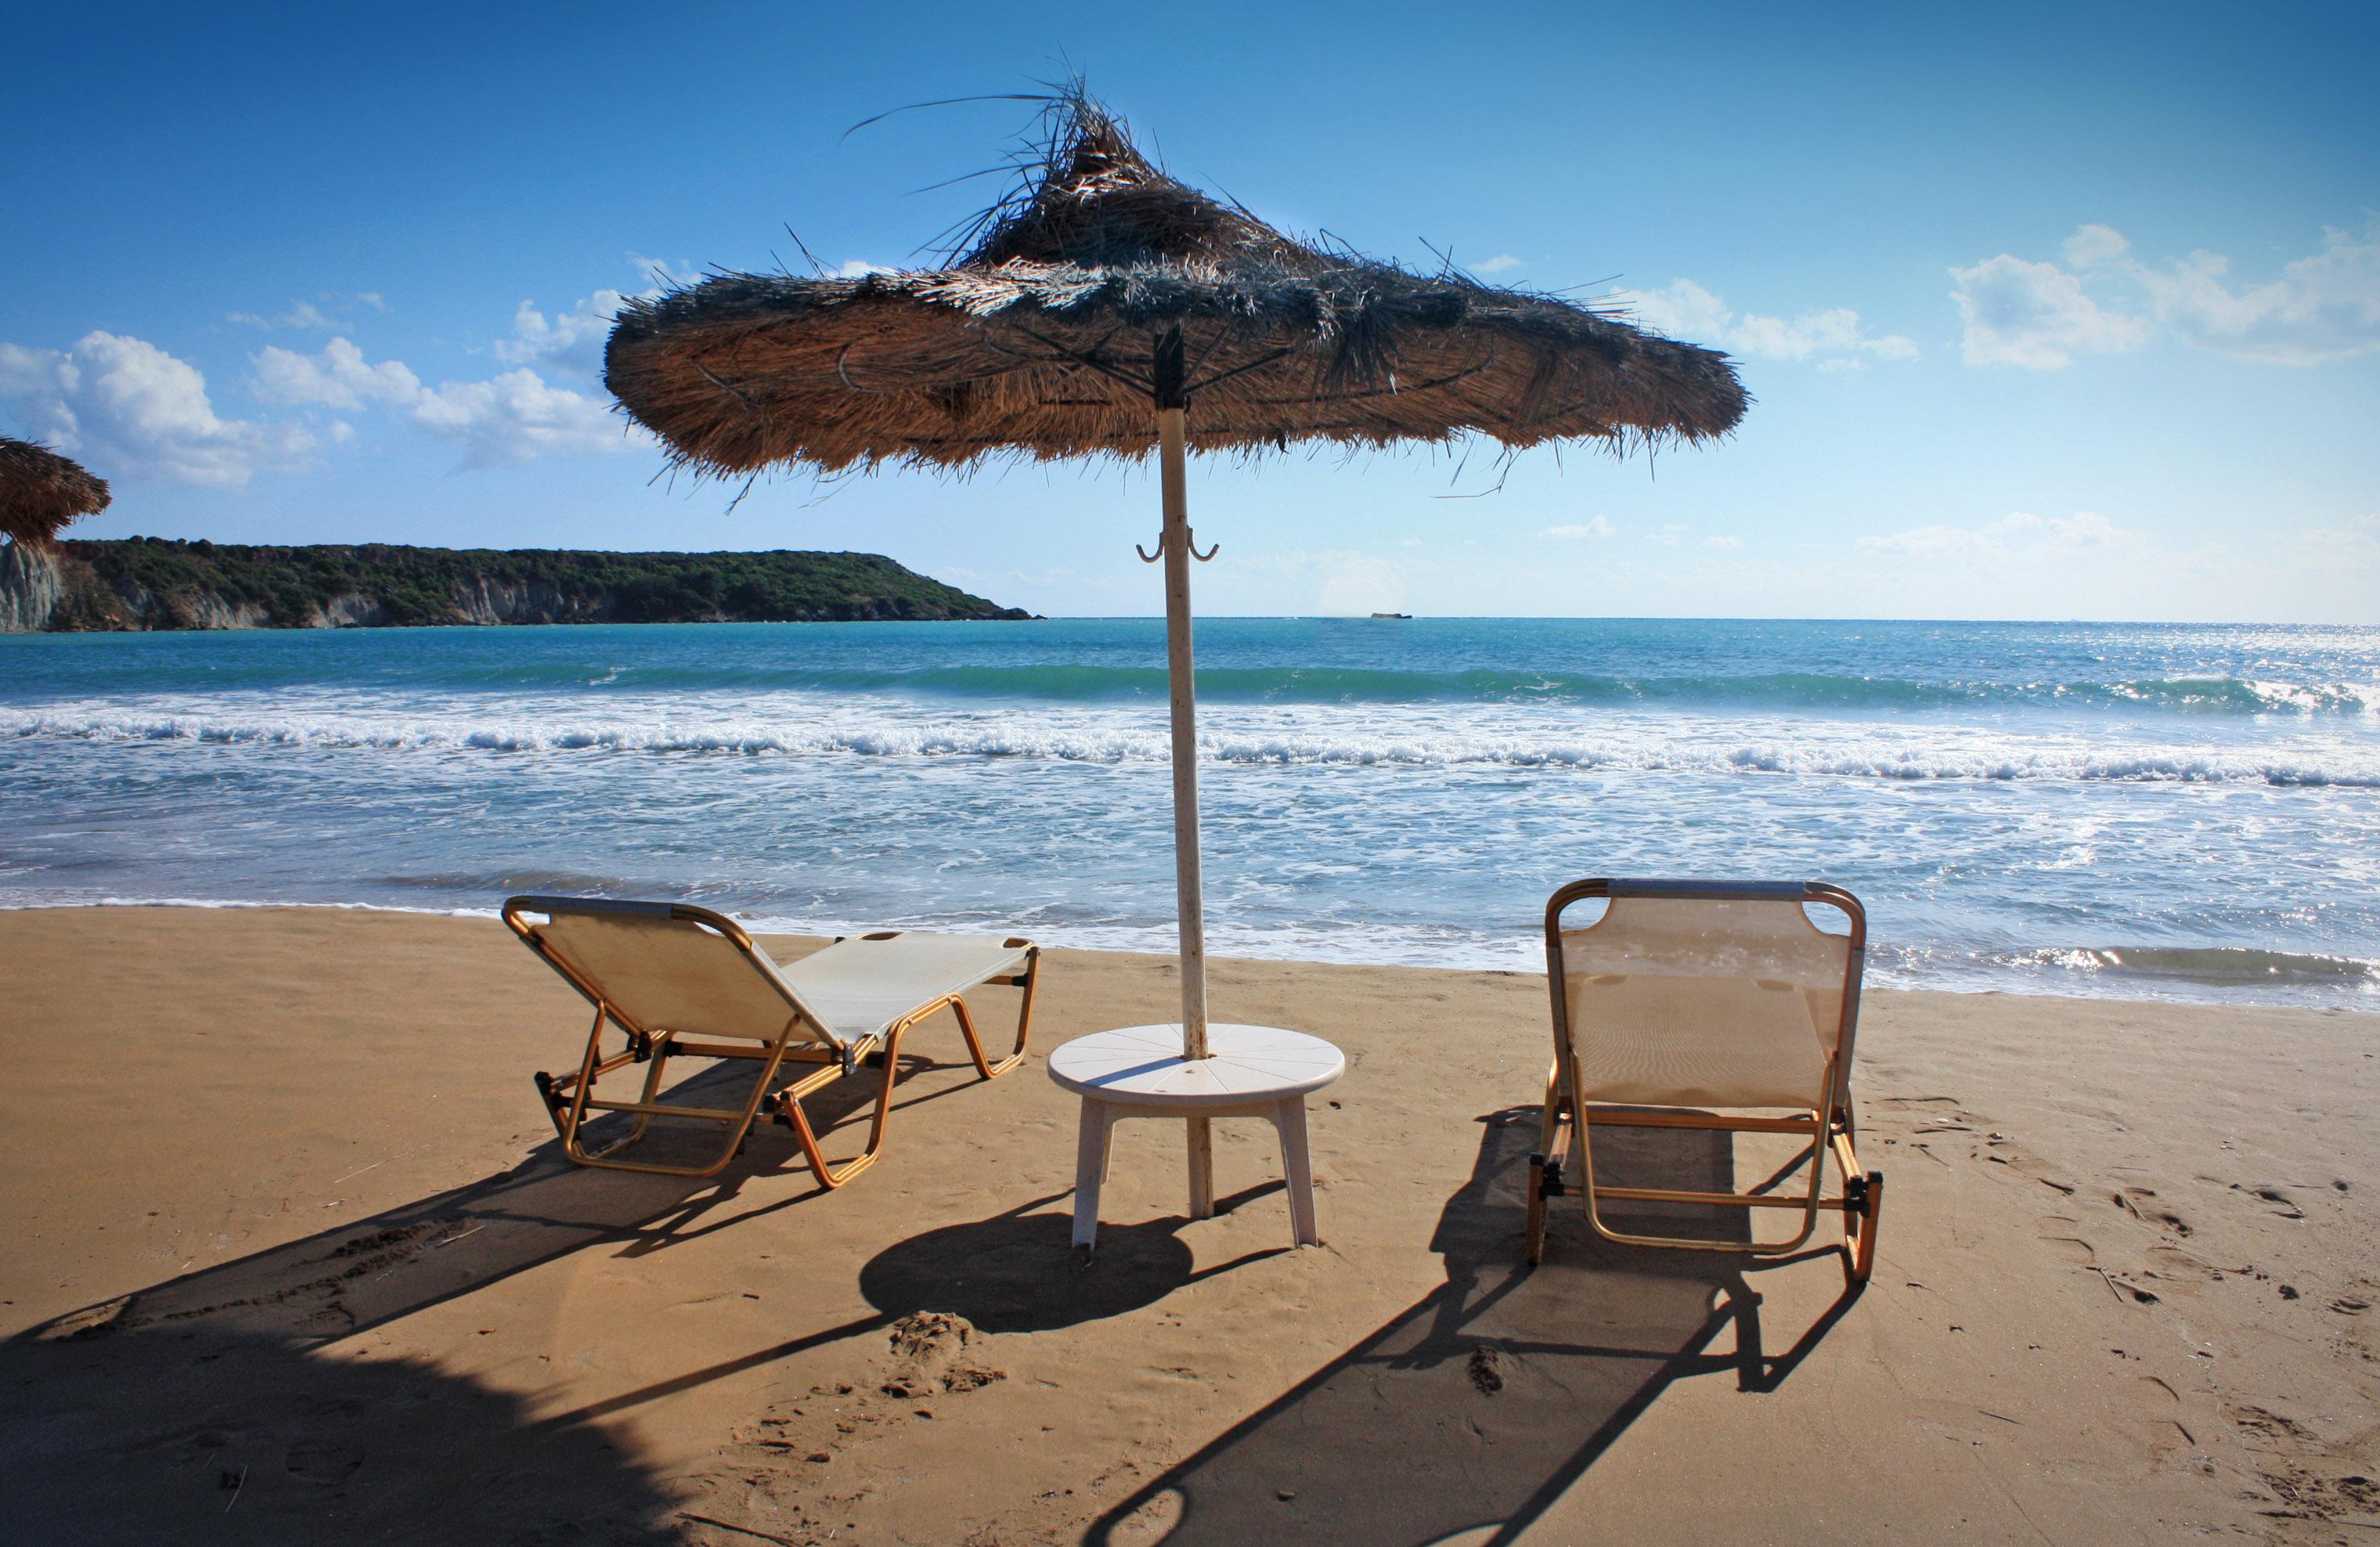 Ombrellone e sdraio in spiaggia